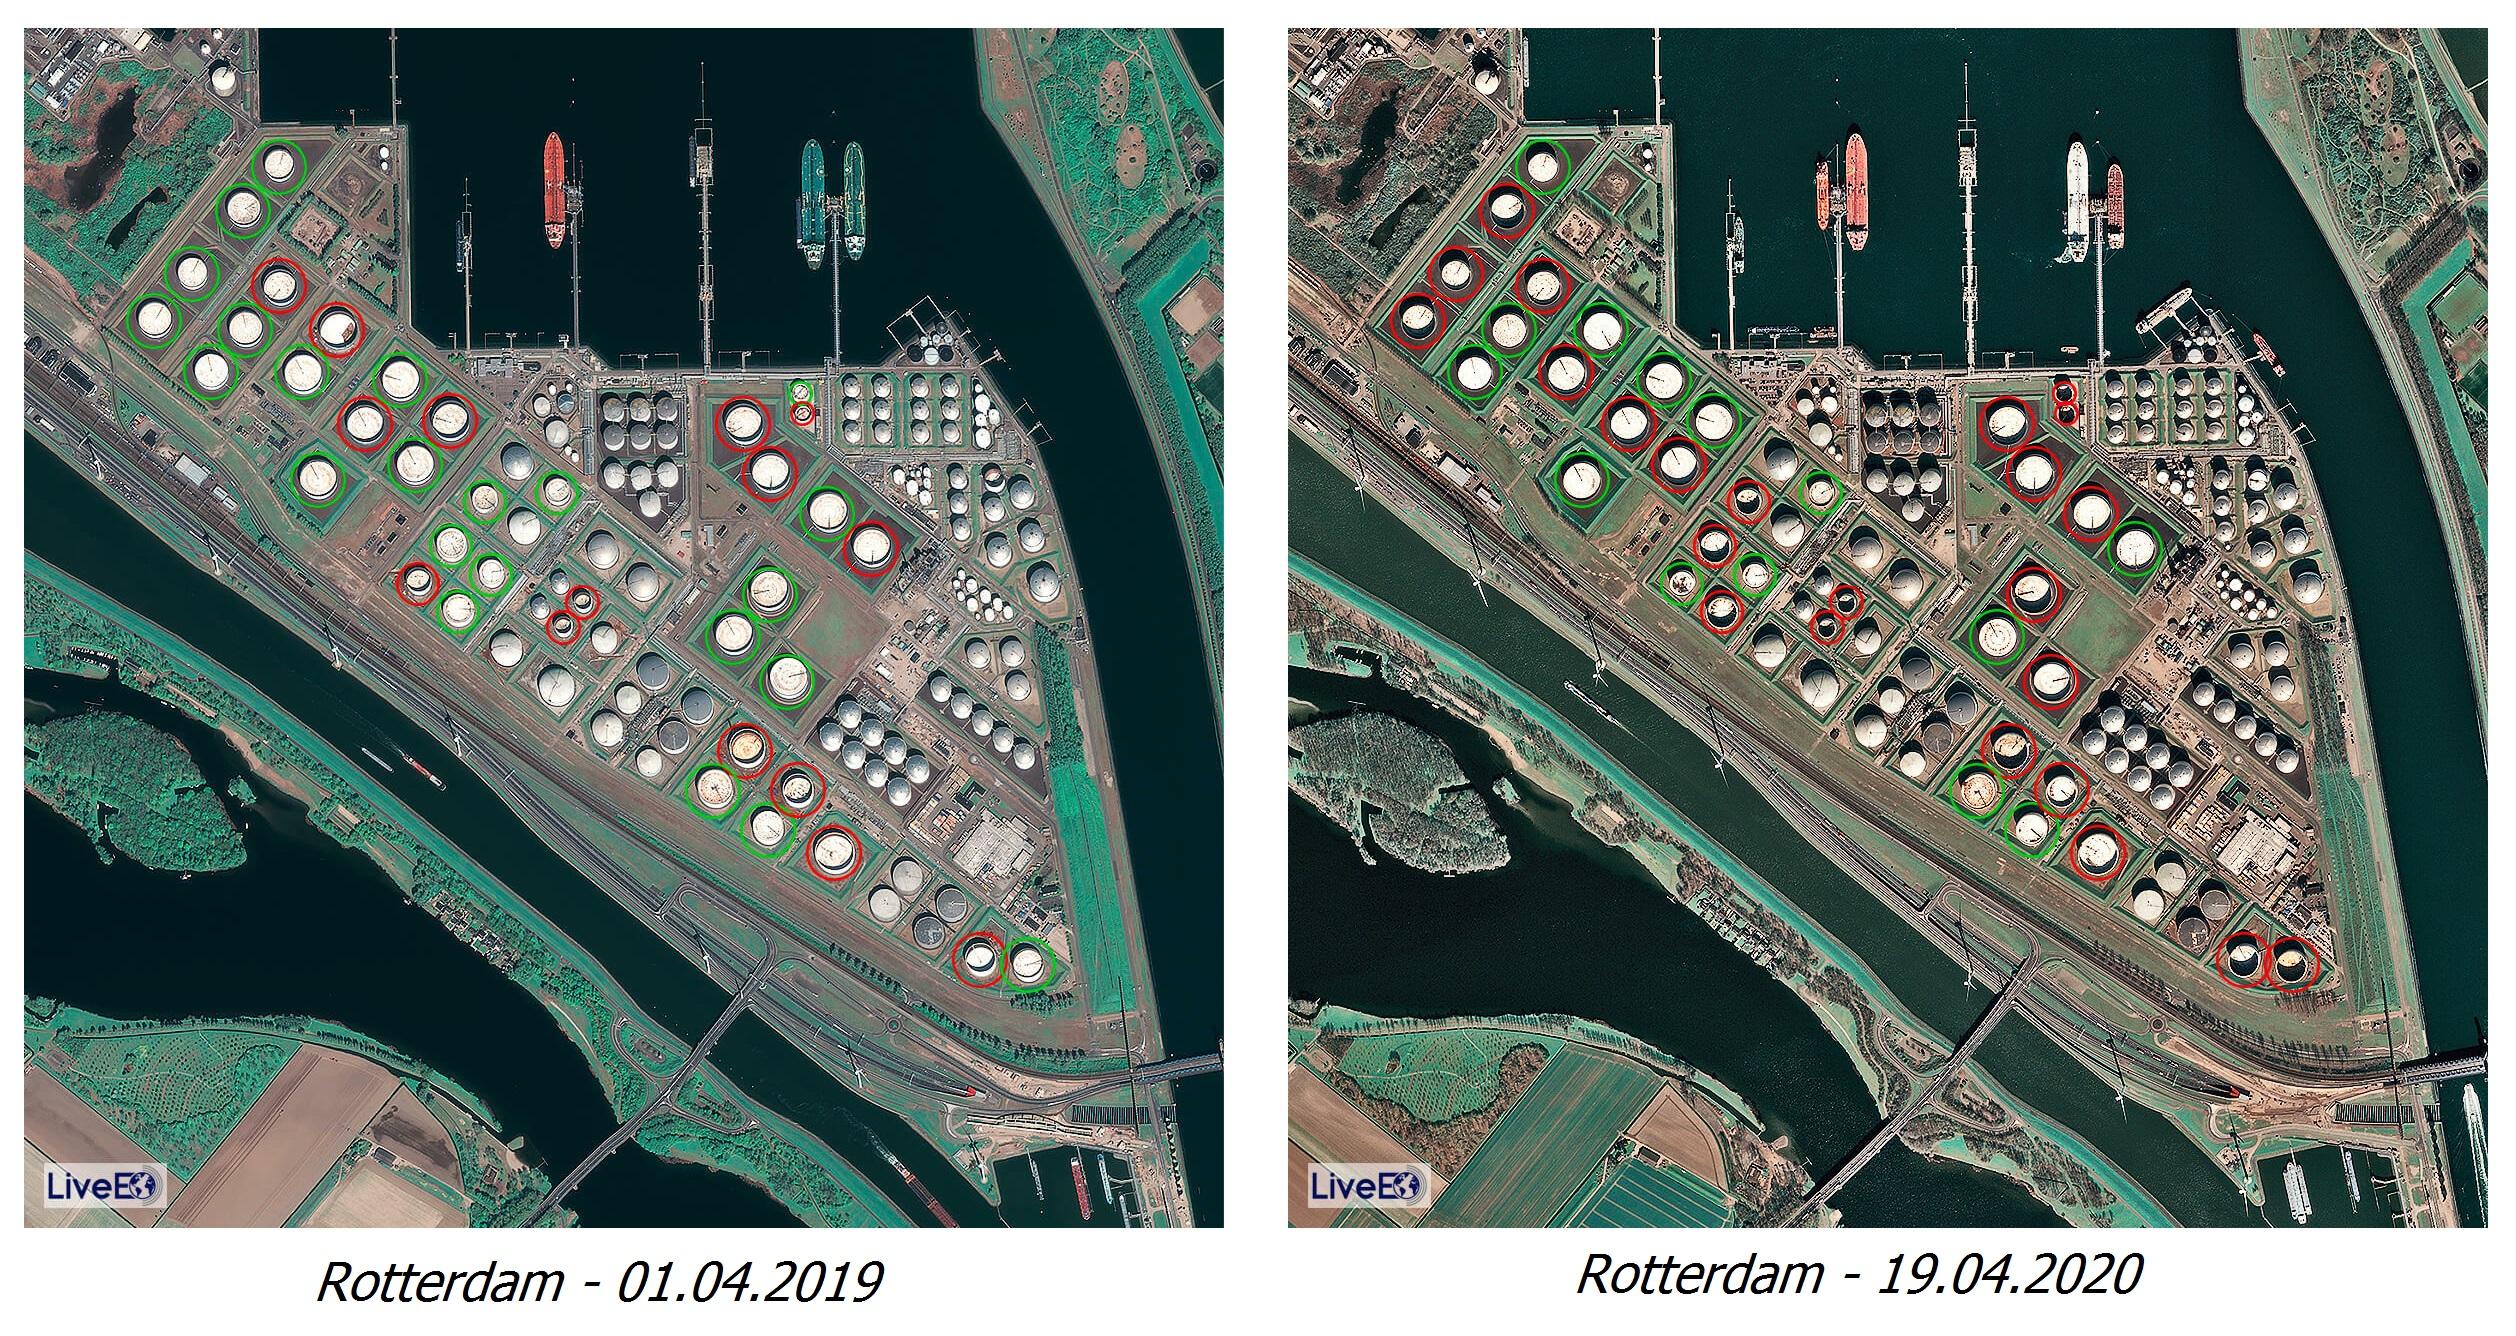 Ảnh vệ tinh chụp cảng Rotterdam với 38 bể dầu Silo tại hai thời điểm trước và trong dịch Covid-19. Bể khoanh màu đỏ là những bể còn sức chứa, trong khi đó bể khoanh màu xanh là các bể đã đầy. | Nguồn: LiveEO/UP42